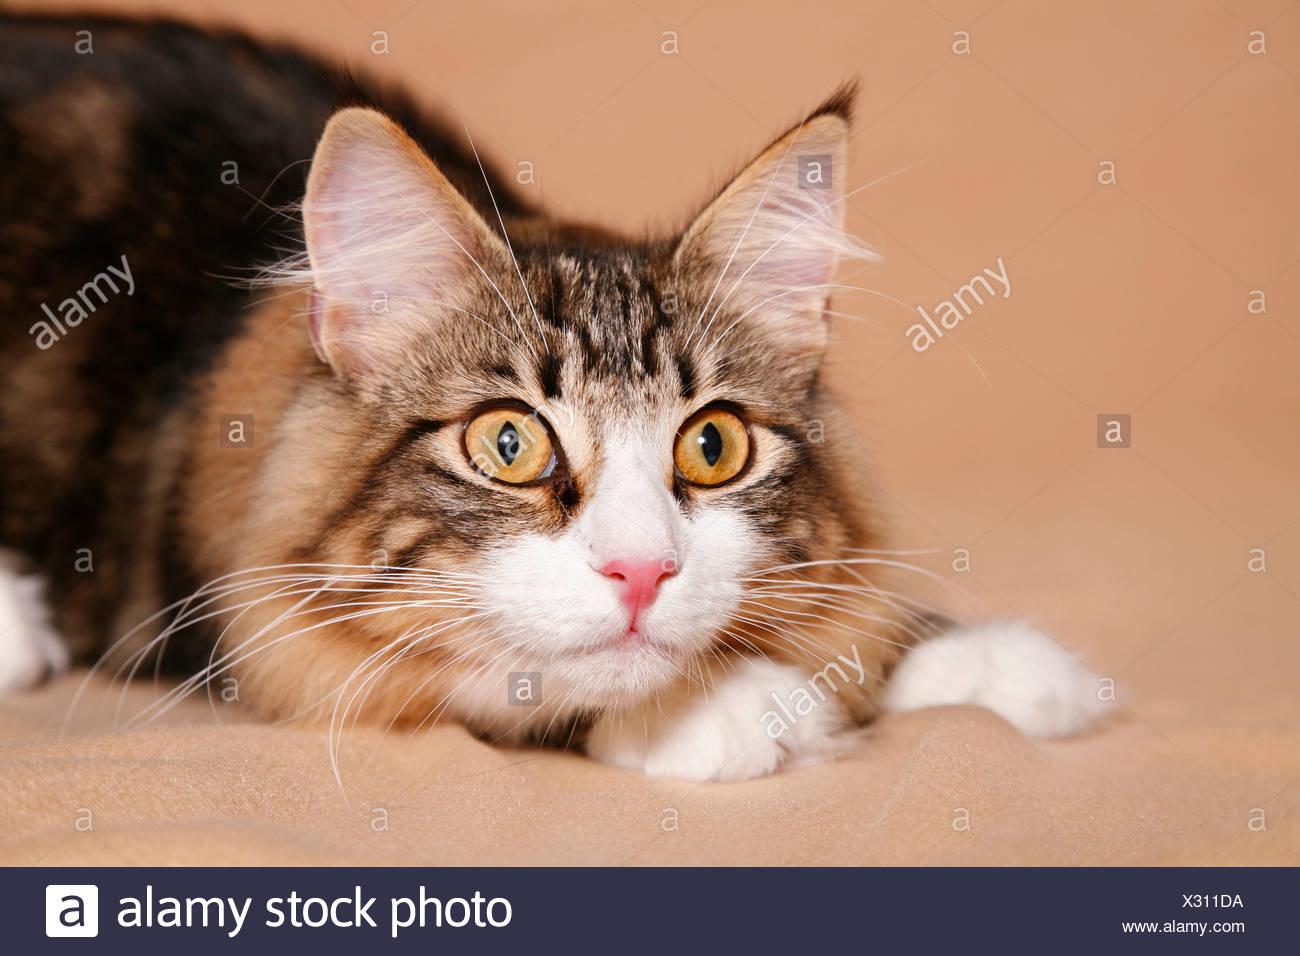 Norwegische Waldkatze / norwegian forest cat - Stock Image